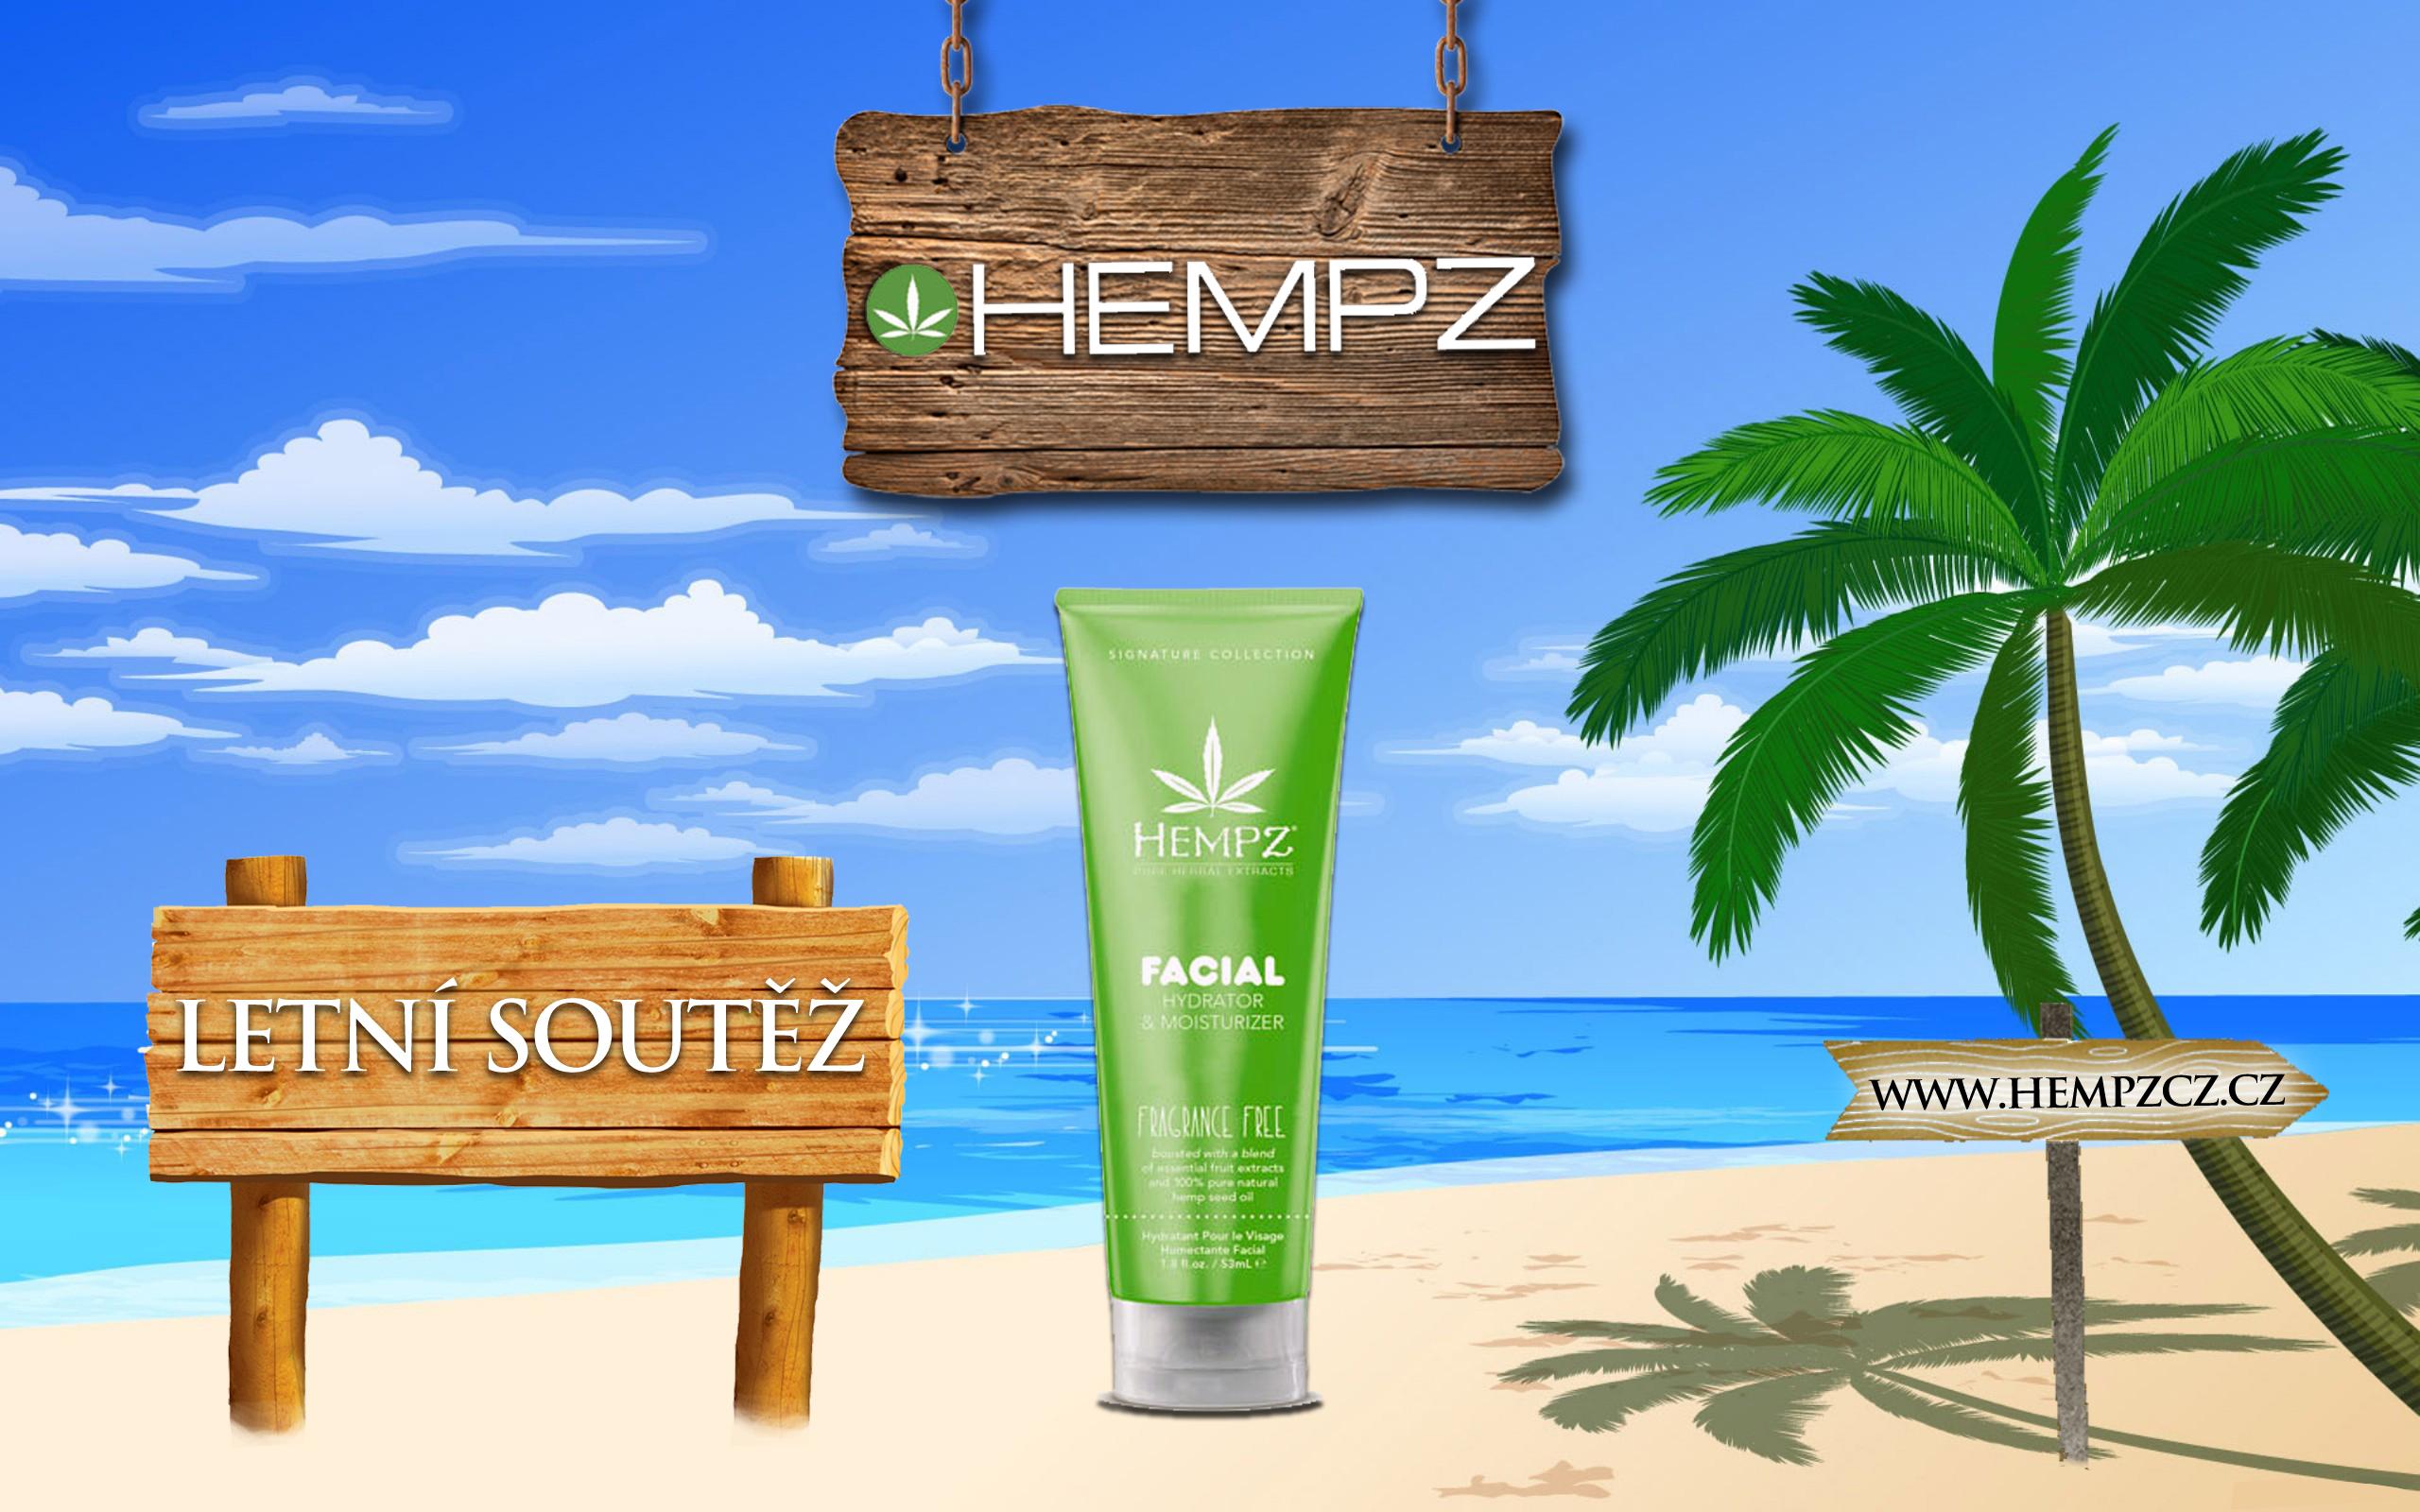 Letní soutěž s kosmetikou HEMPZ